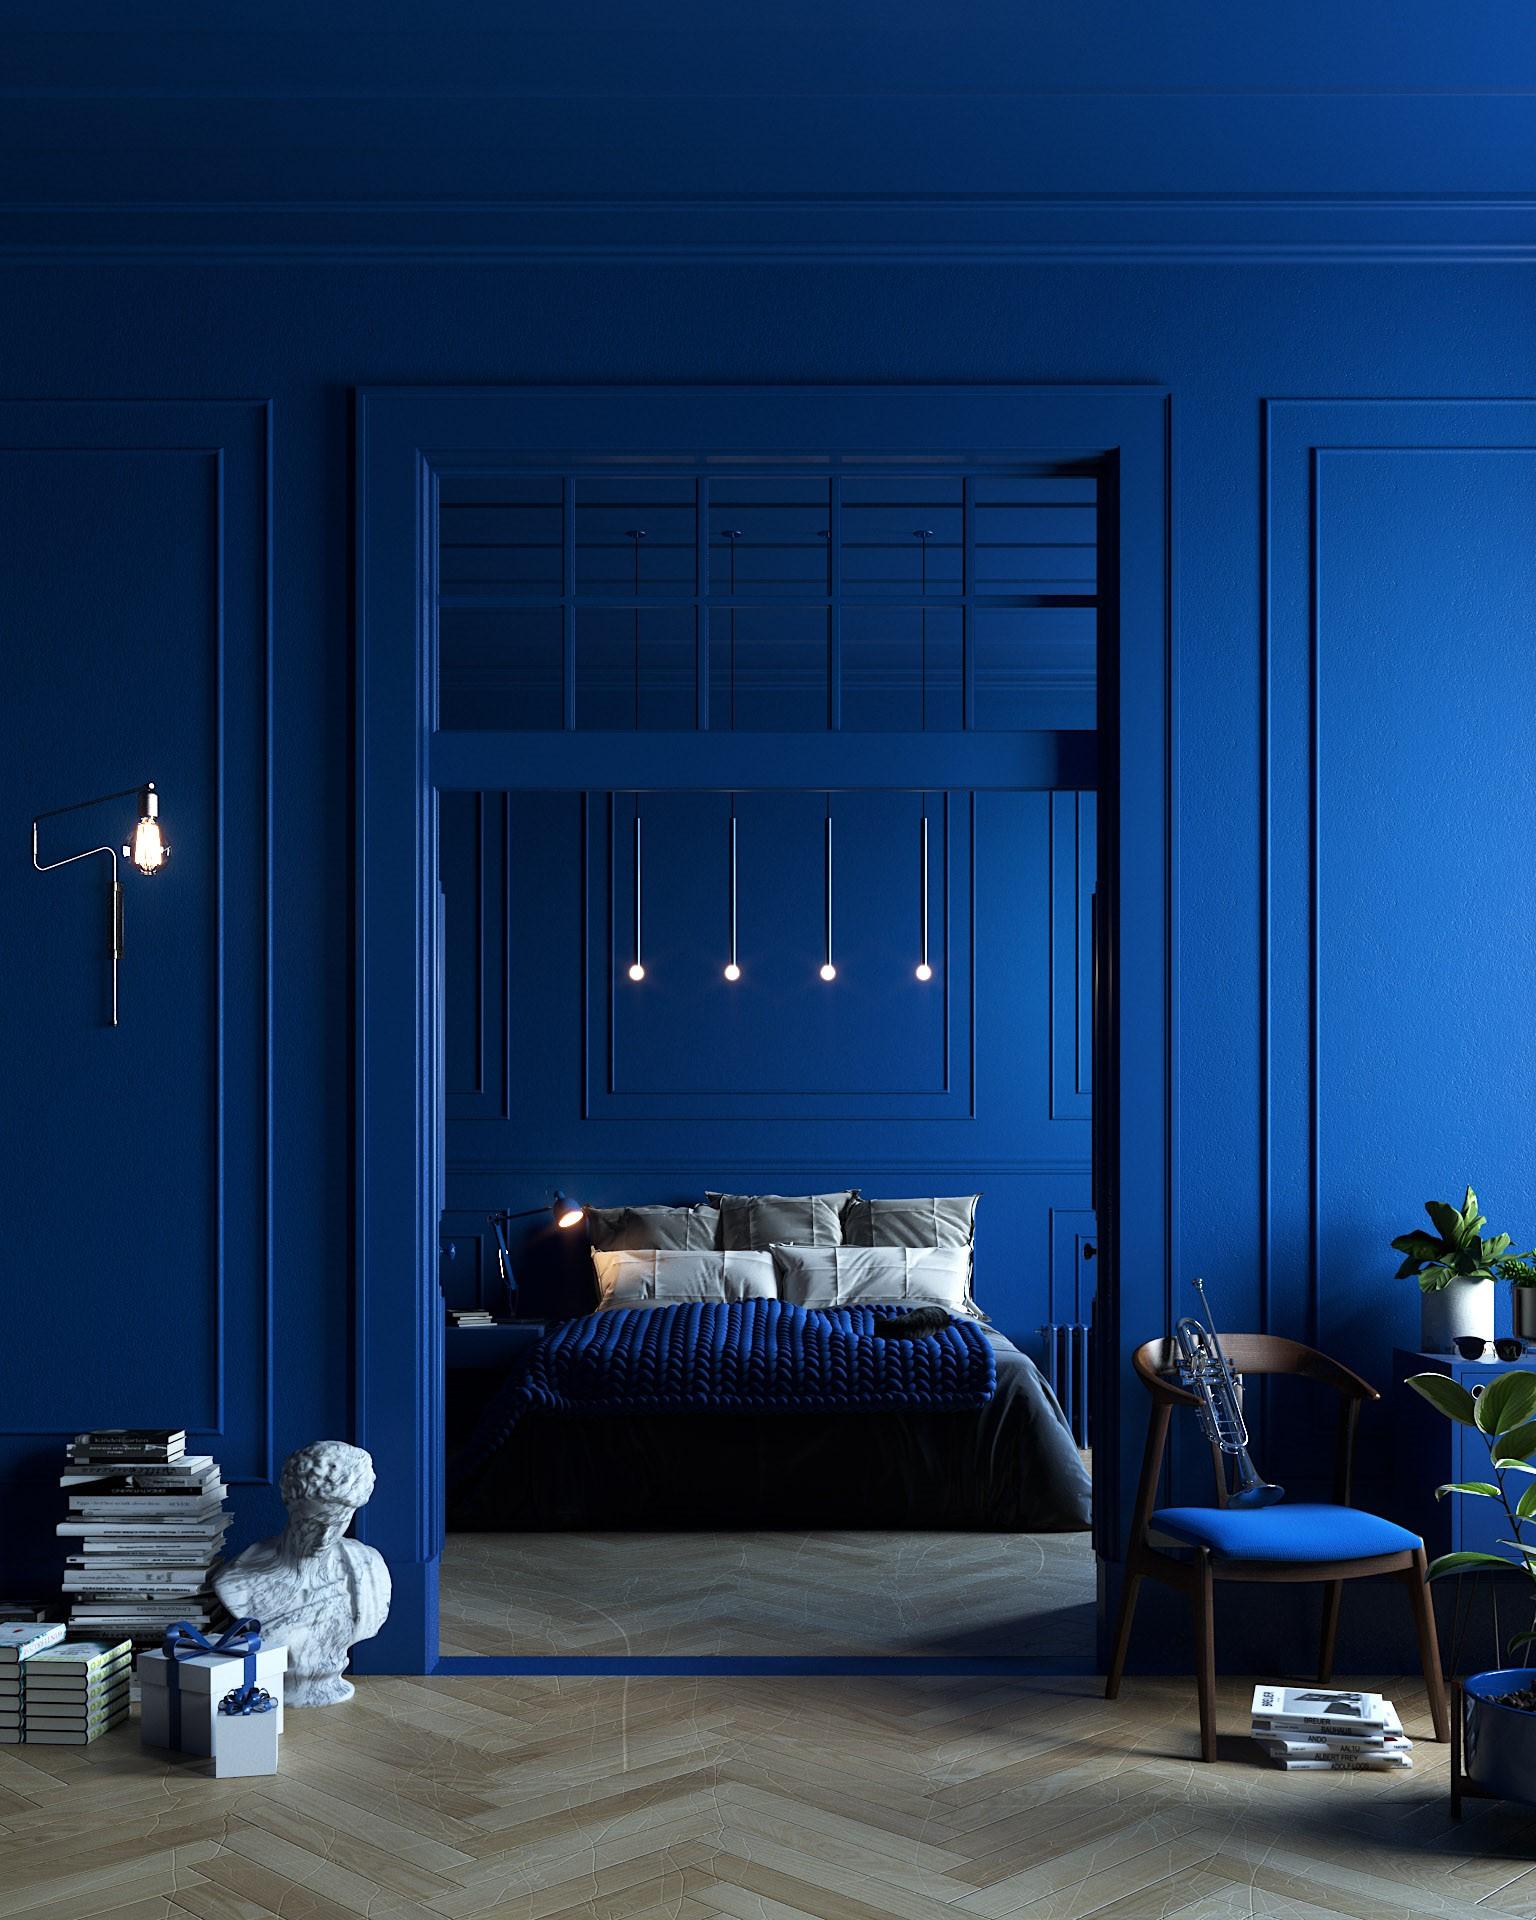 Modrá v interiéru. Ano nebo ne?